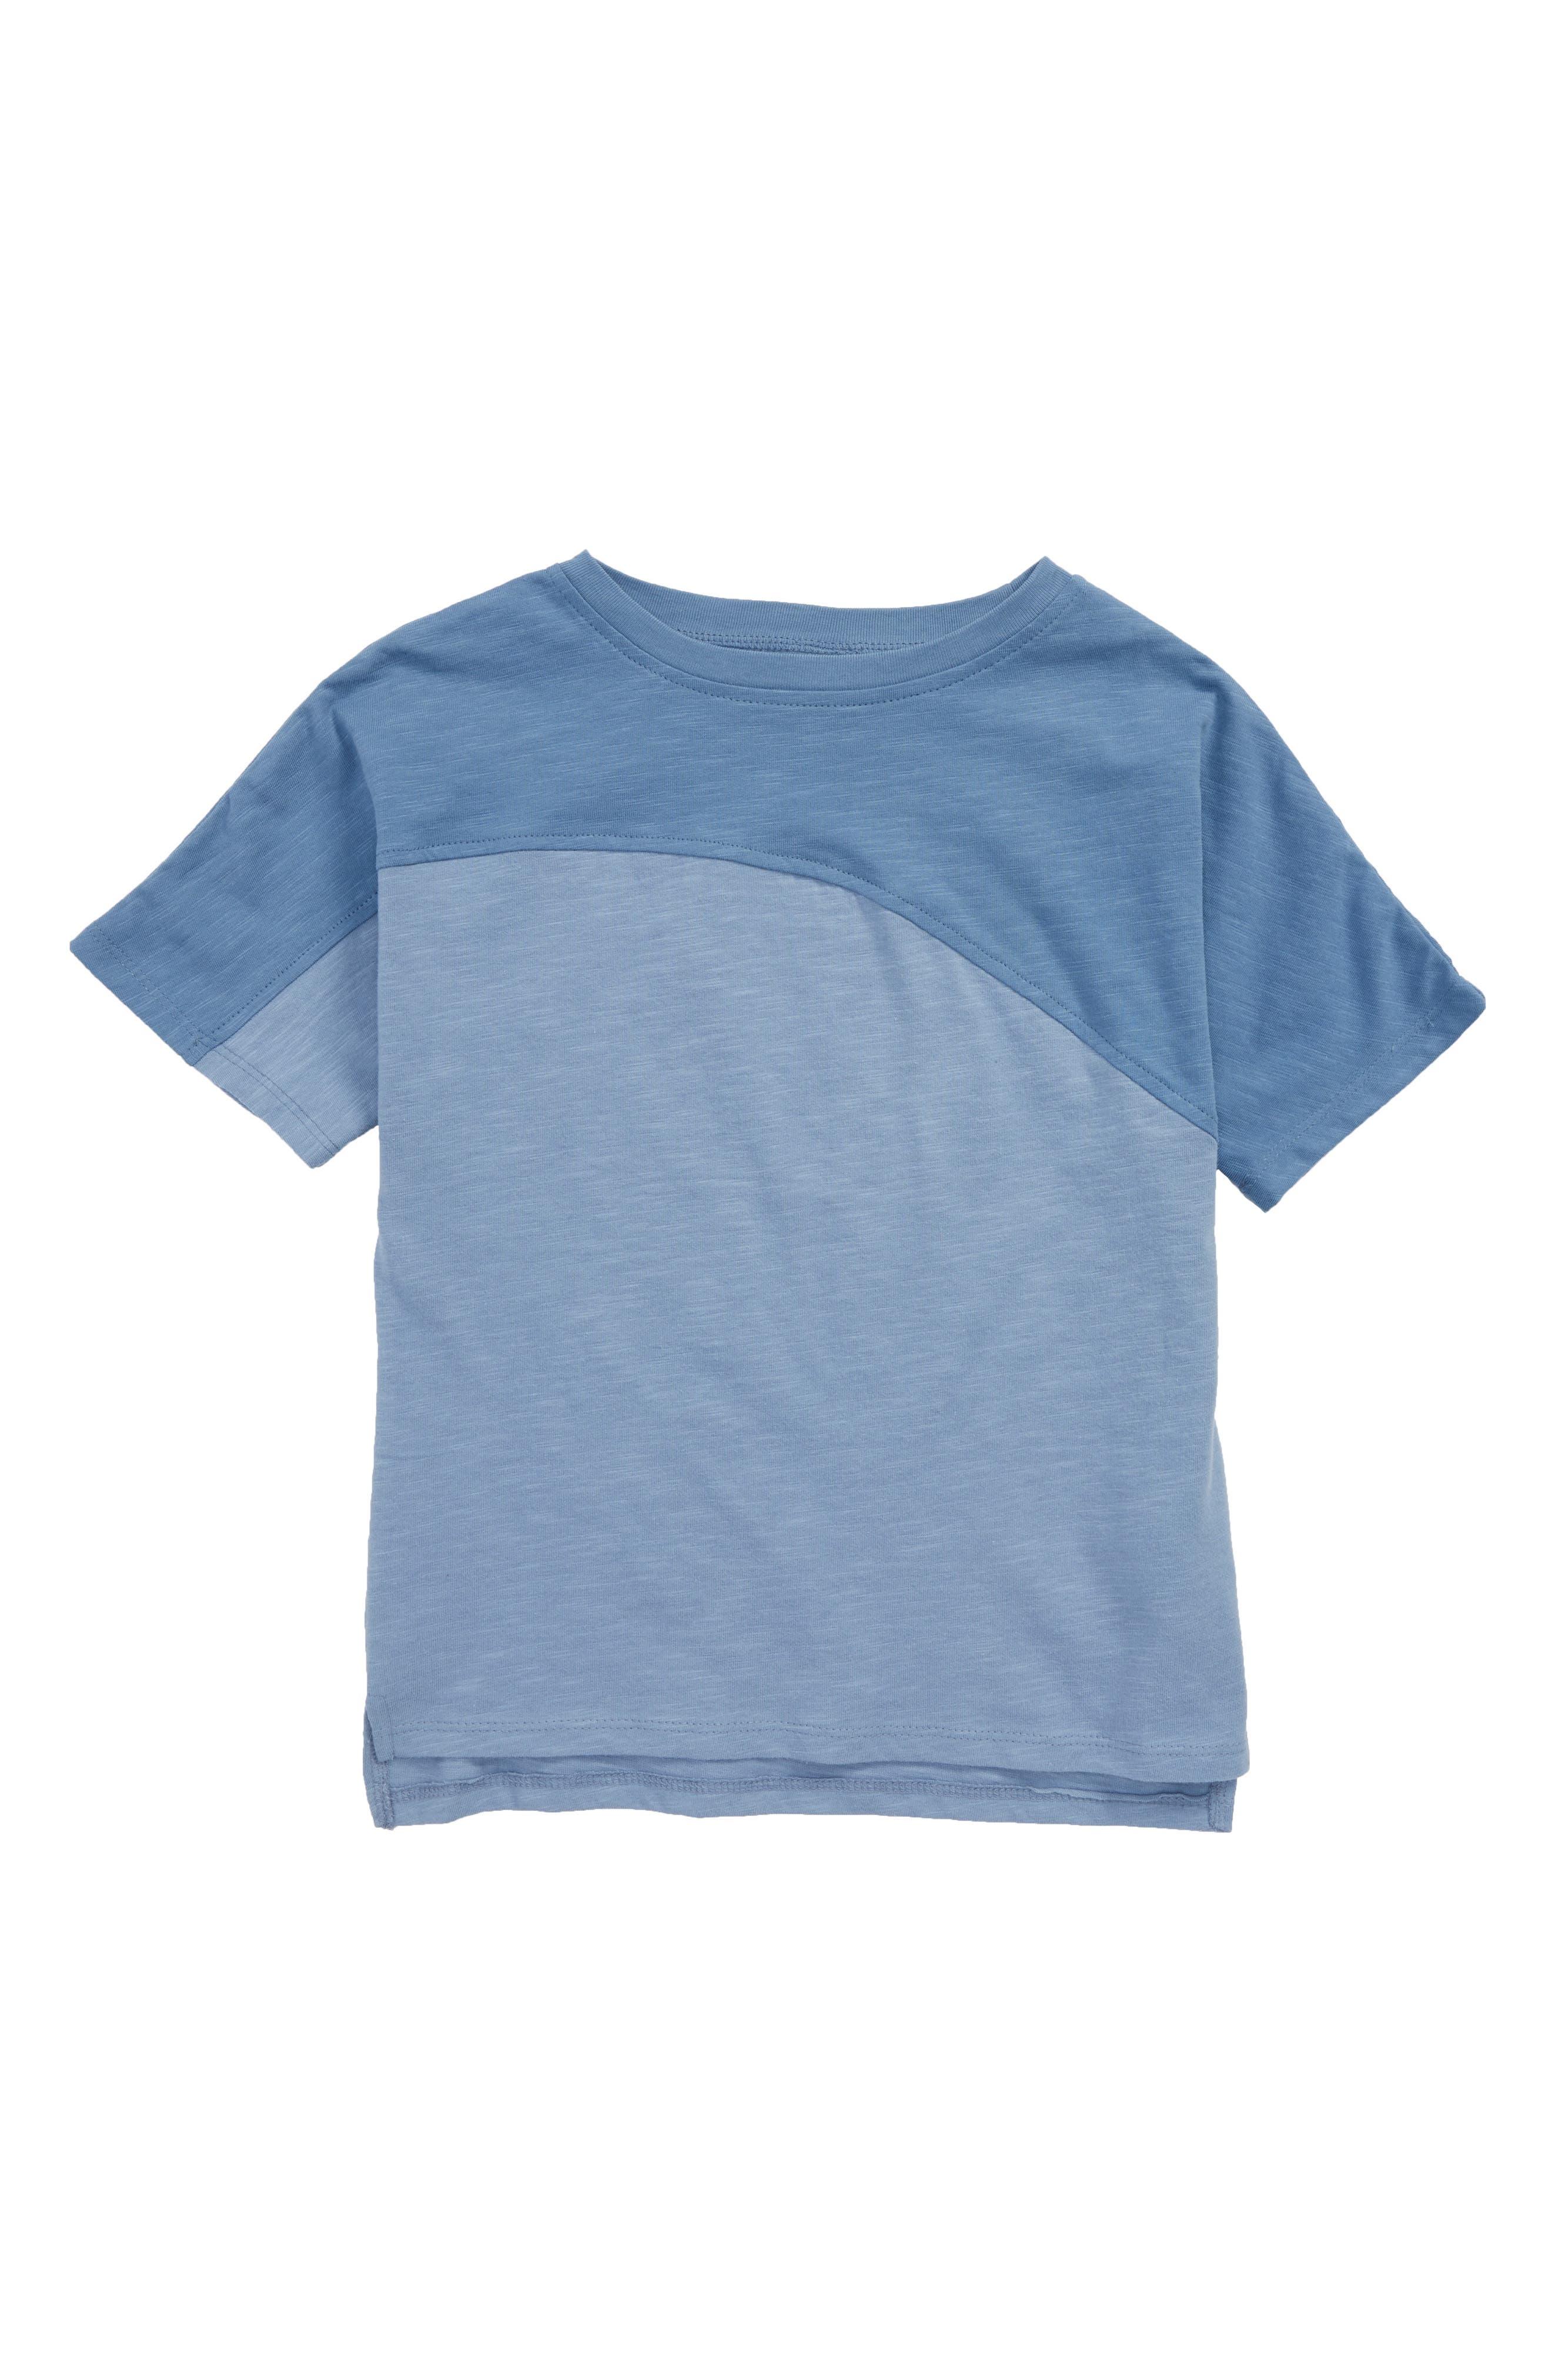 Diagonal Washed T-Shirt,                             Main thumbnail 1, color,                             Blue Moonlight- Blue